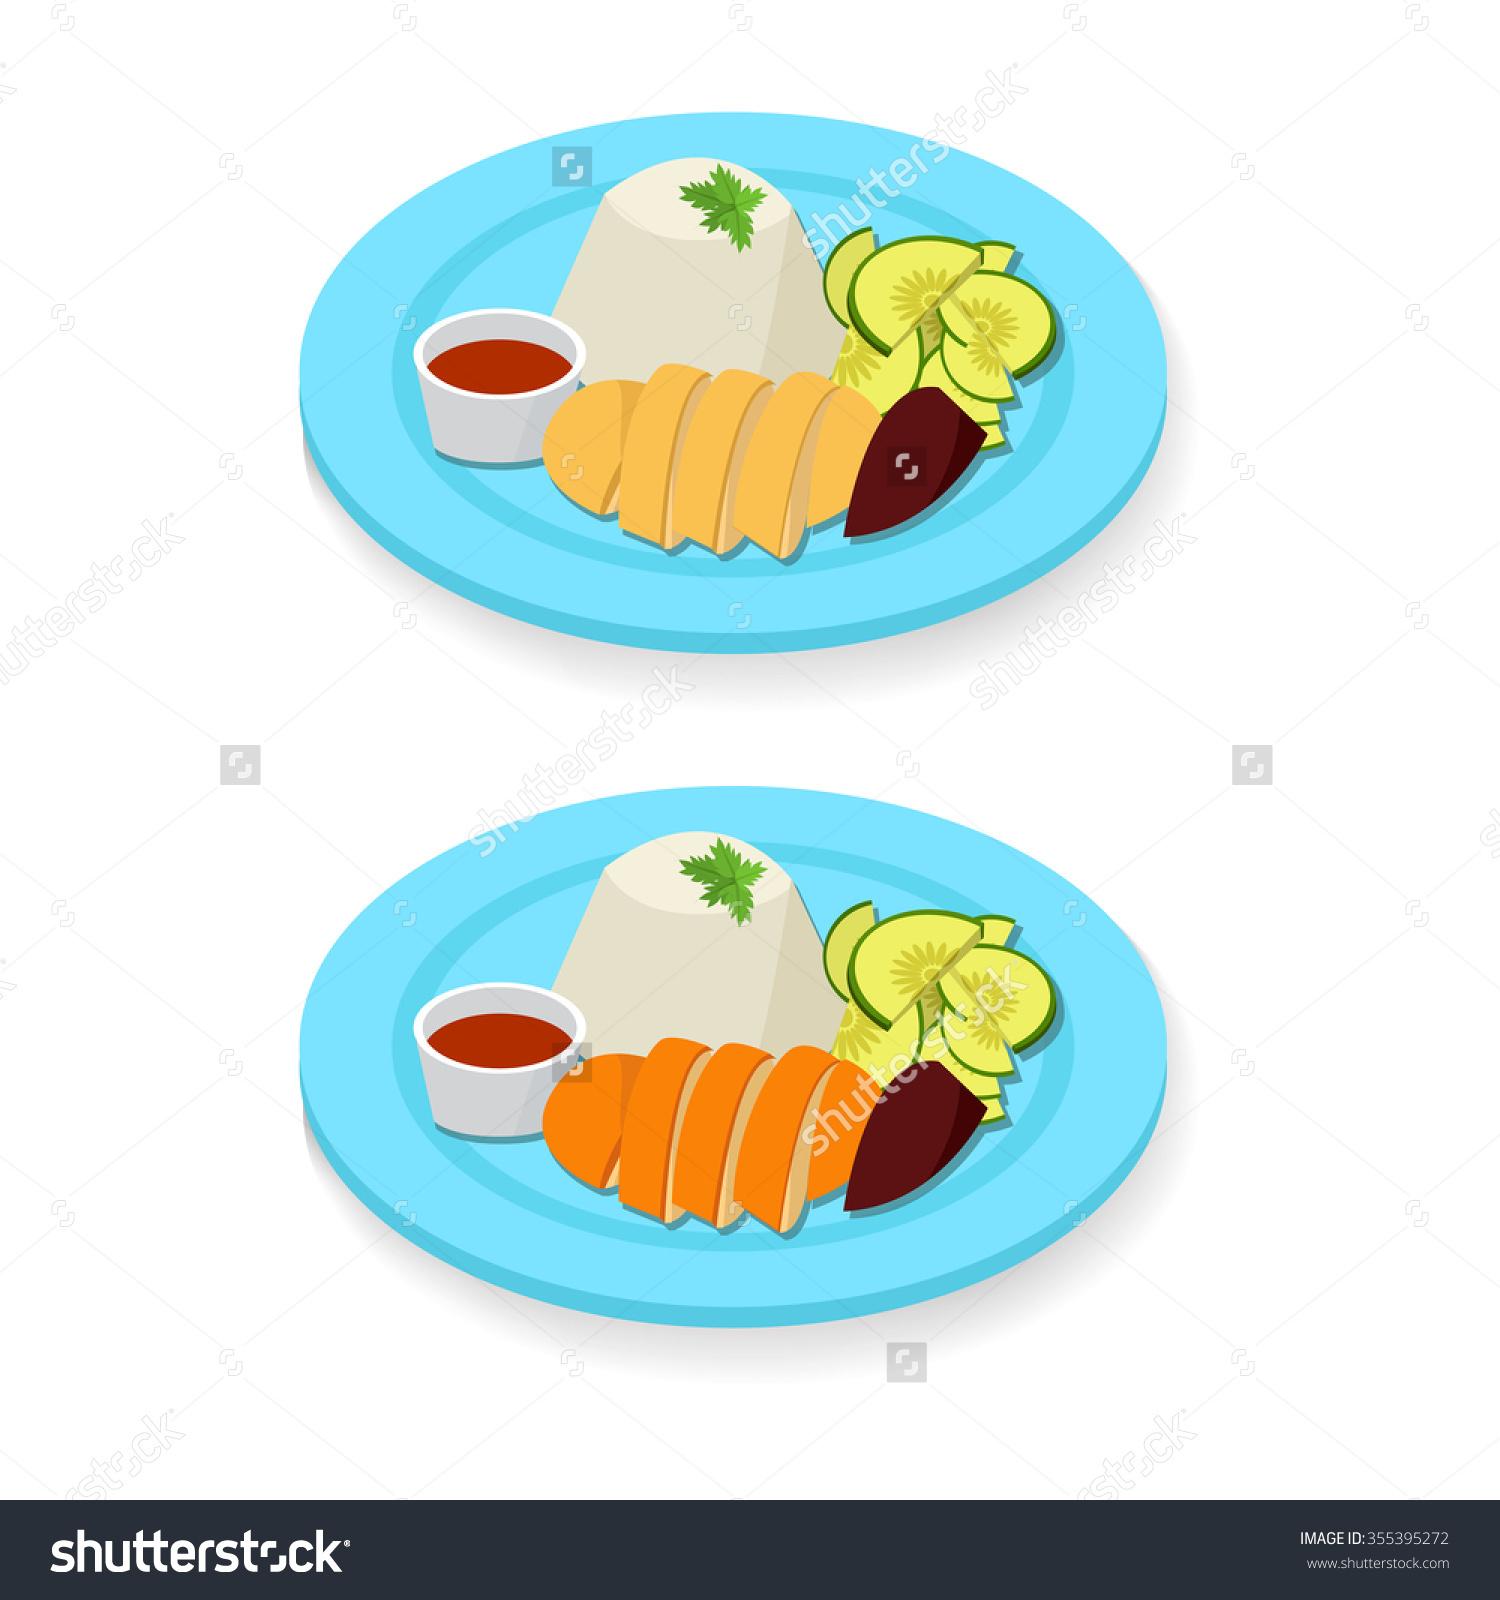 Chicken rice clipart.